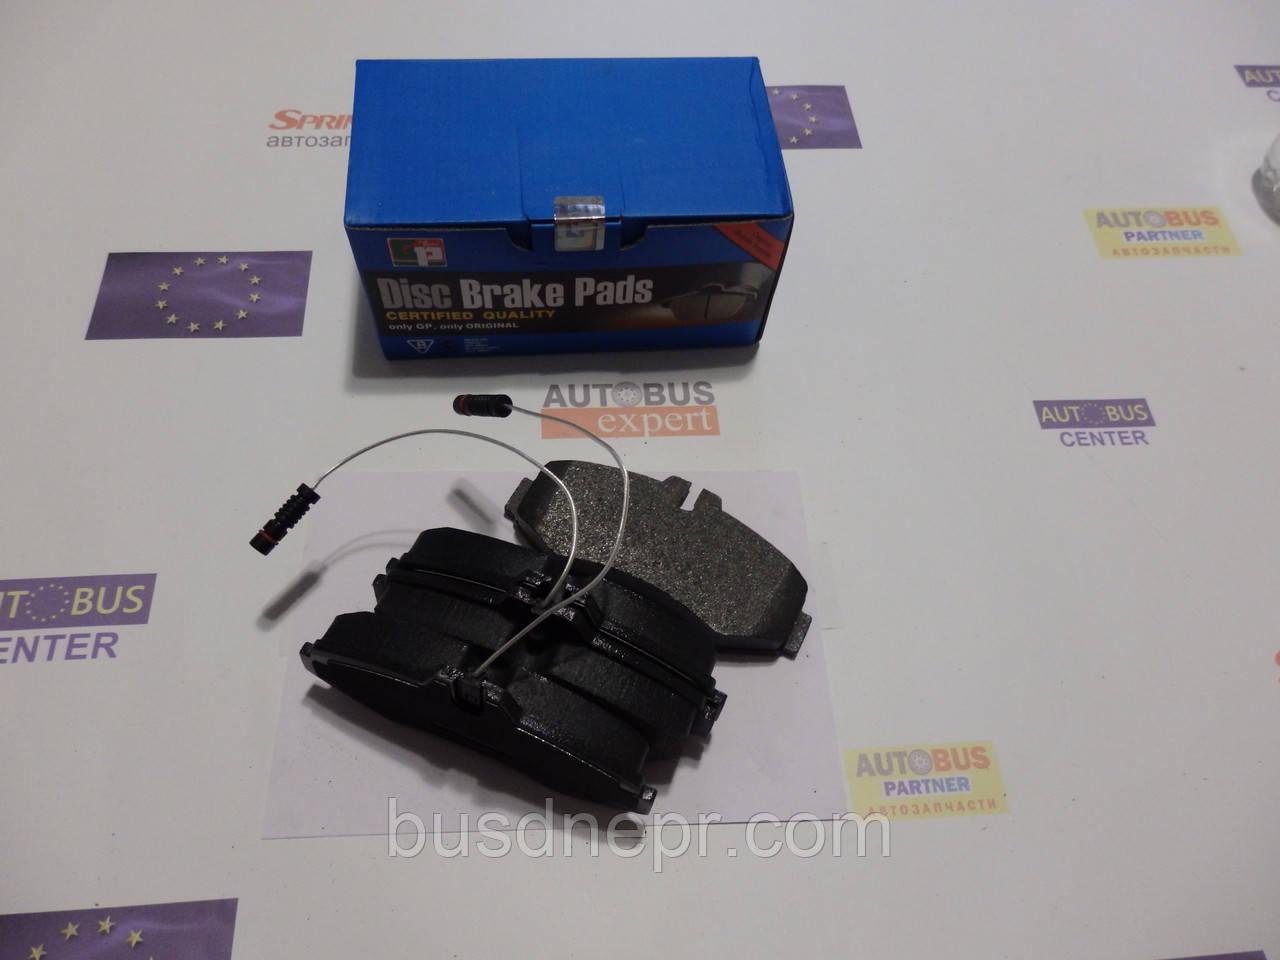 Тормозные колодки, передние MB Vito 638 96-03 т.с. Bosch пр-во GP Group 10.1304